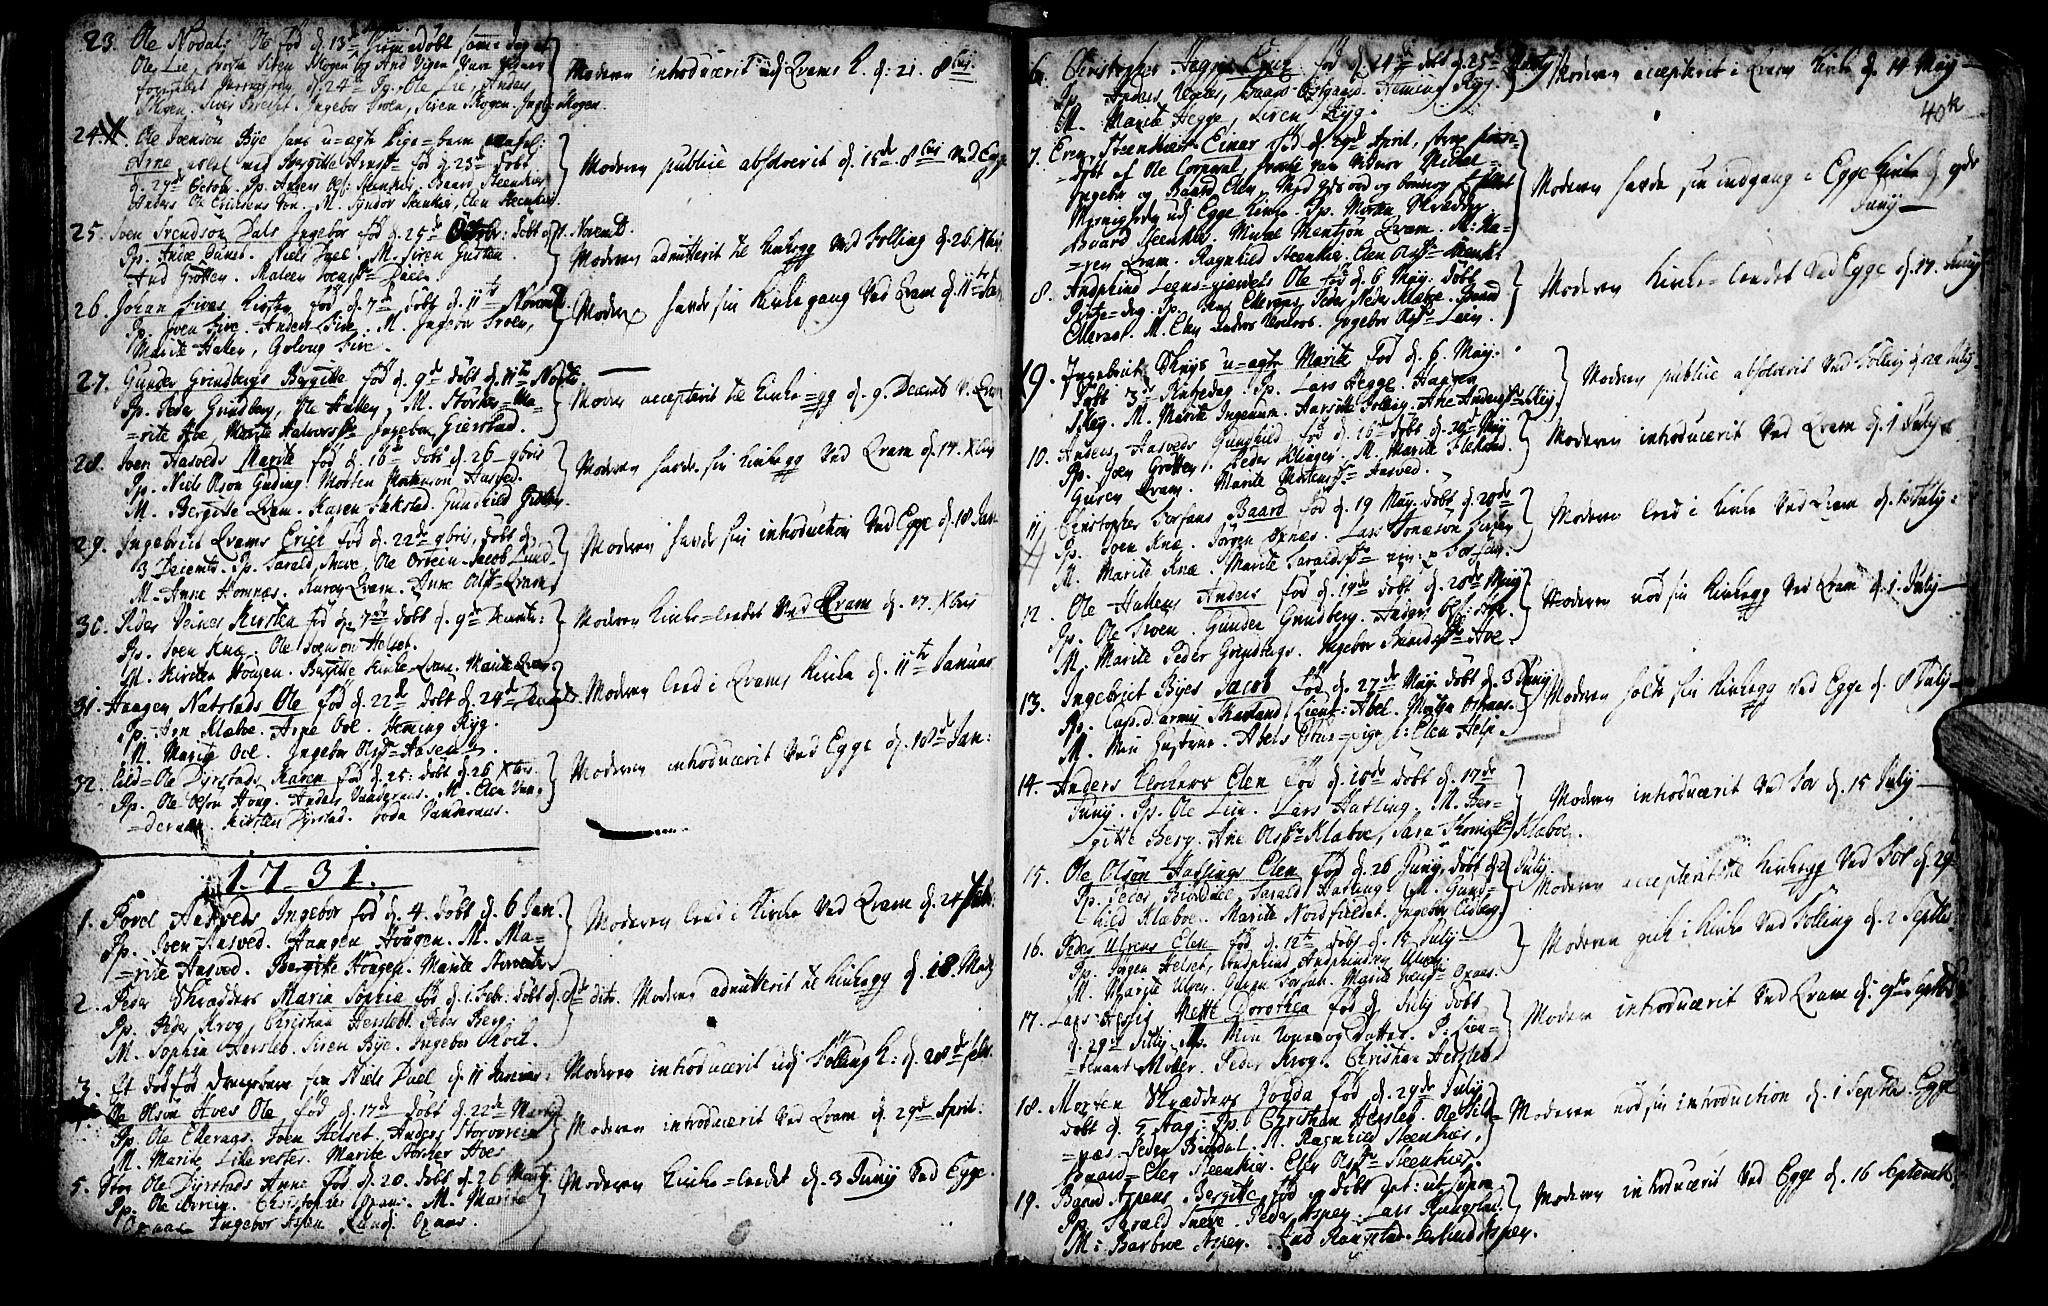 SAT, Ministerialprotokoller, klokkerbøker og fødselsregistre - Nord-Trøndelag, 746/L0439: Ministerialbok nr. 746A01, 1688-1759, s. 40k